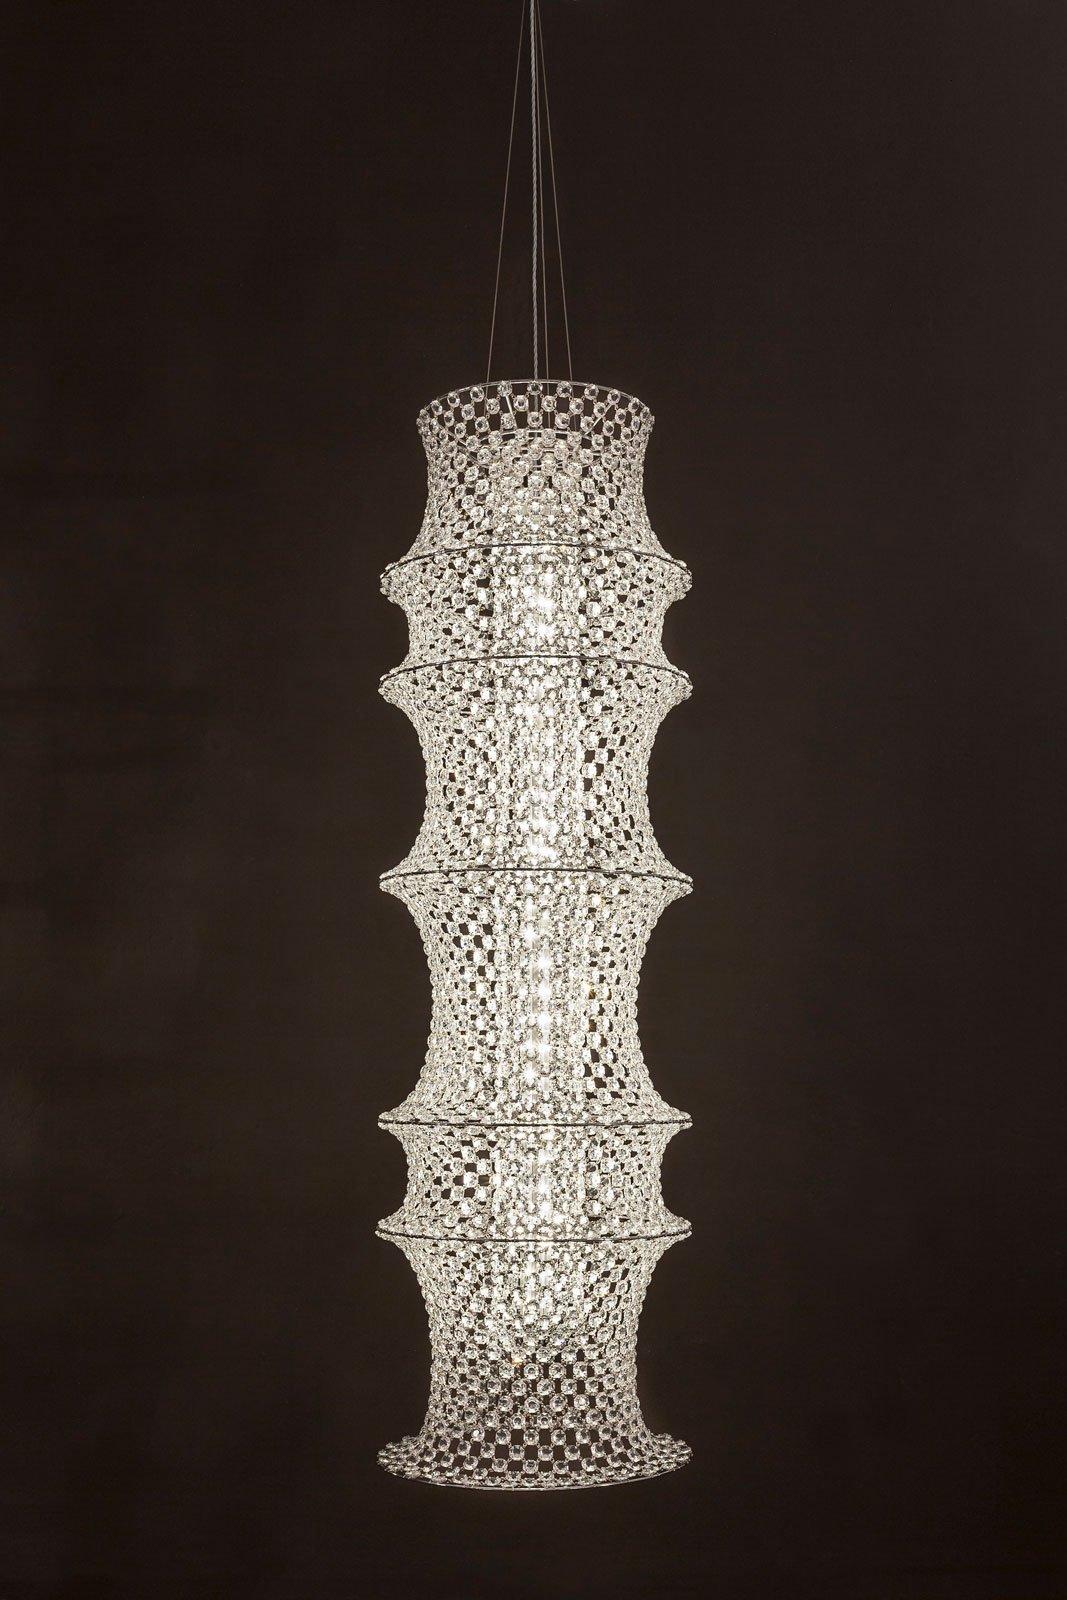 barcaccia lampadari roma : Euroluce 2015: lampadari a sospensione al salone del mobile - cose ...